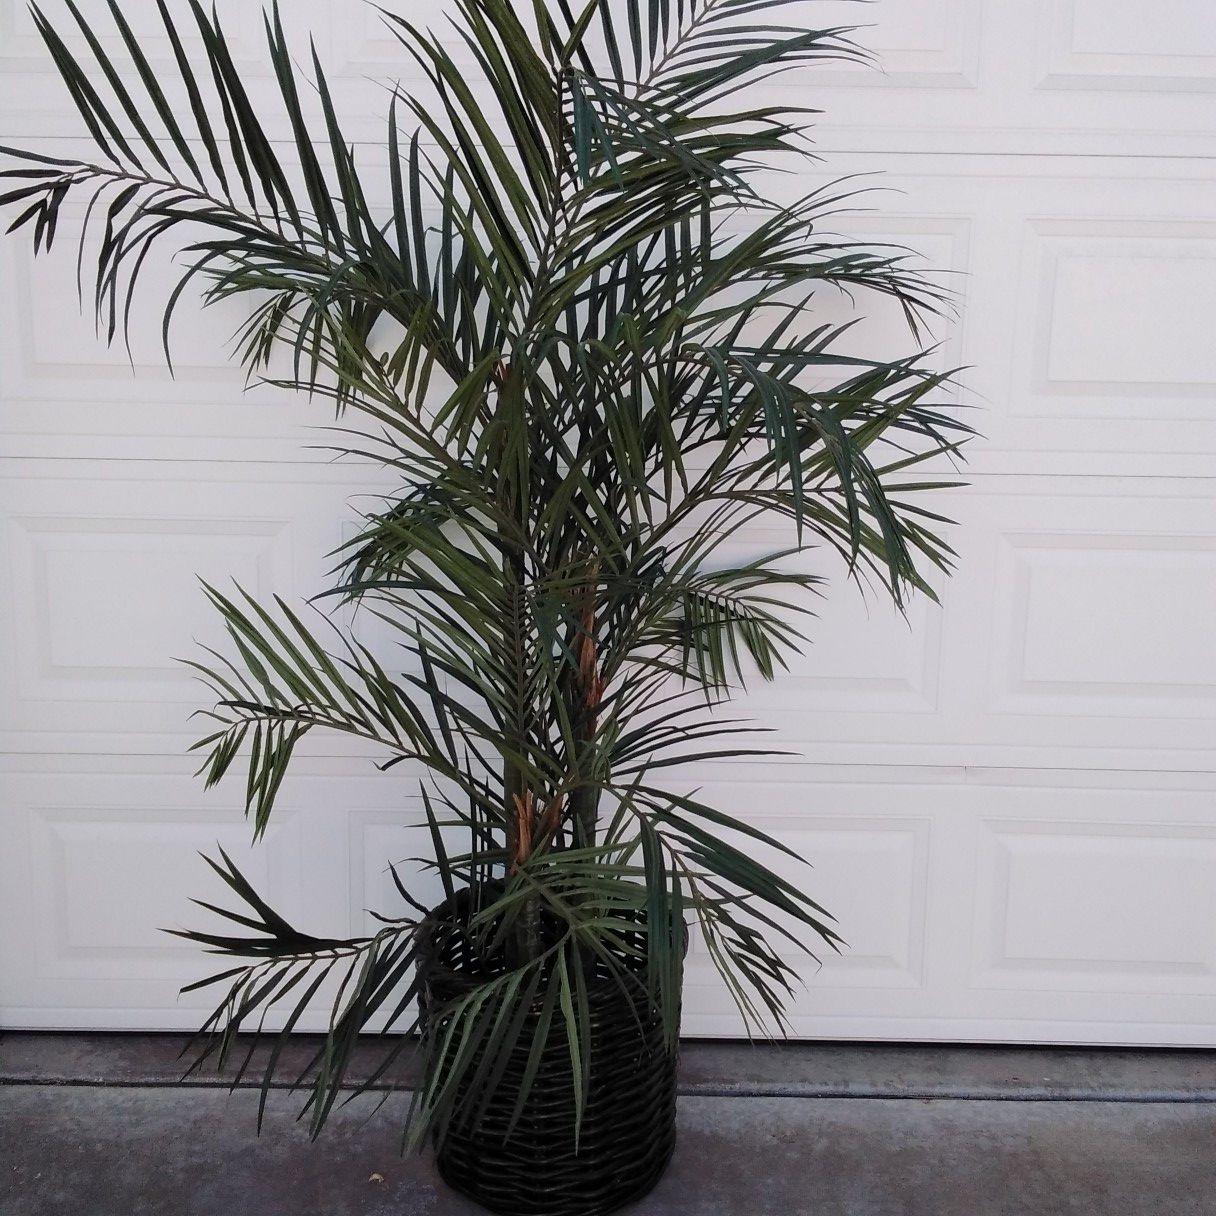 Artficial plant